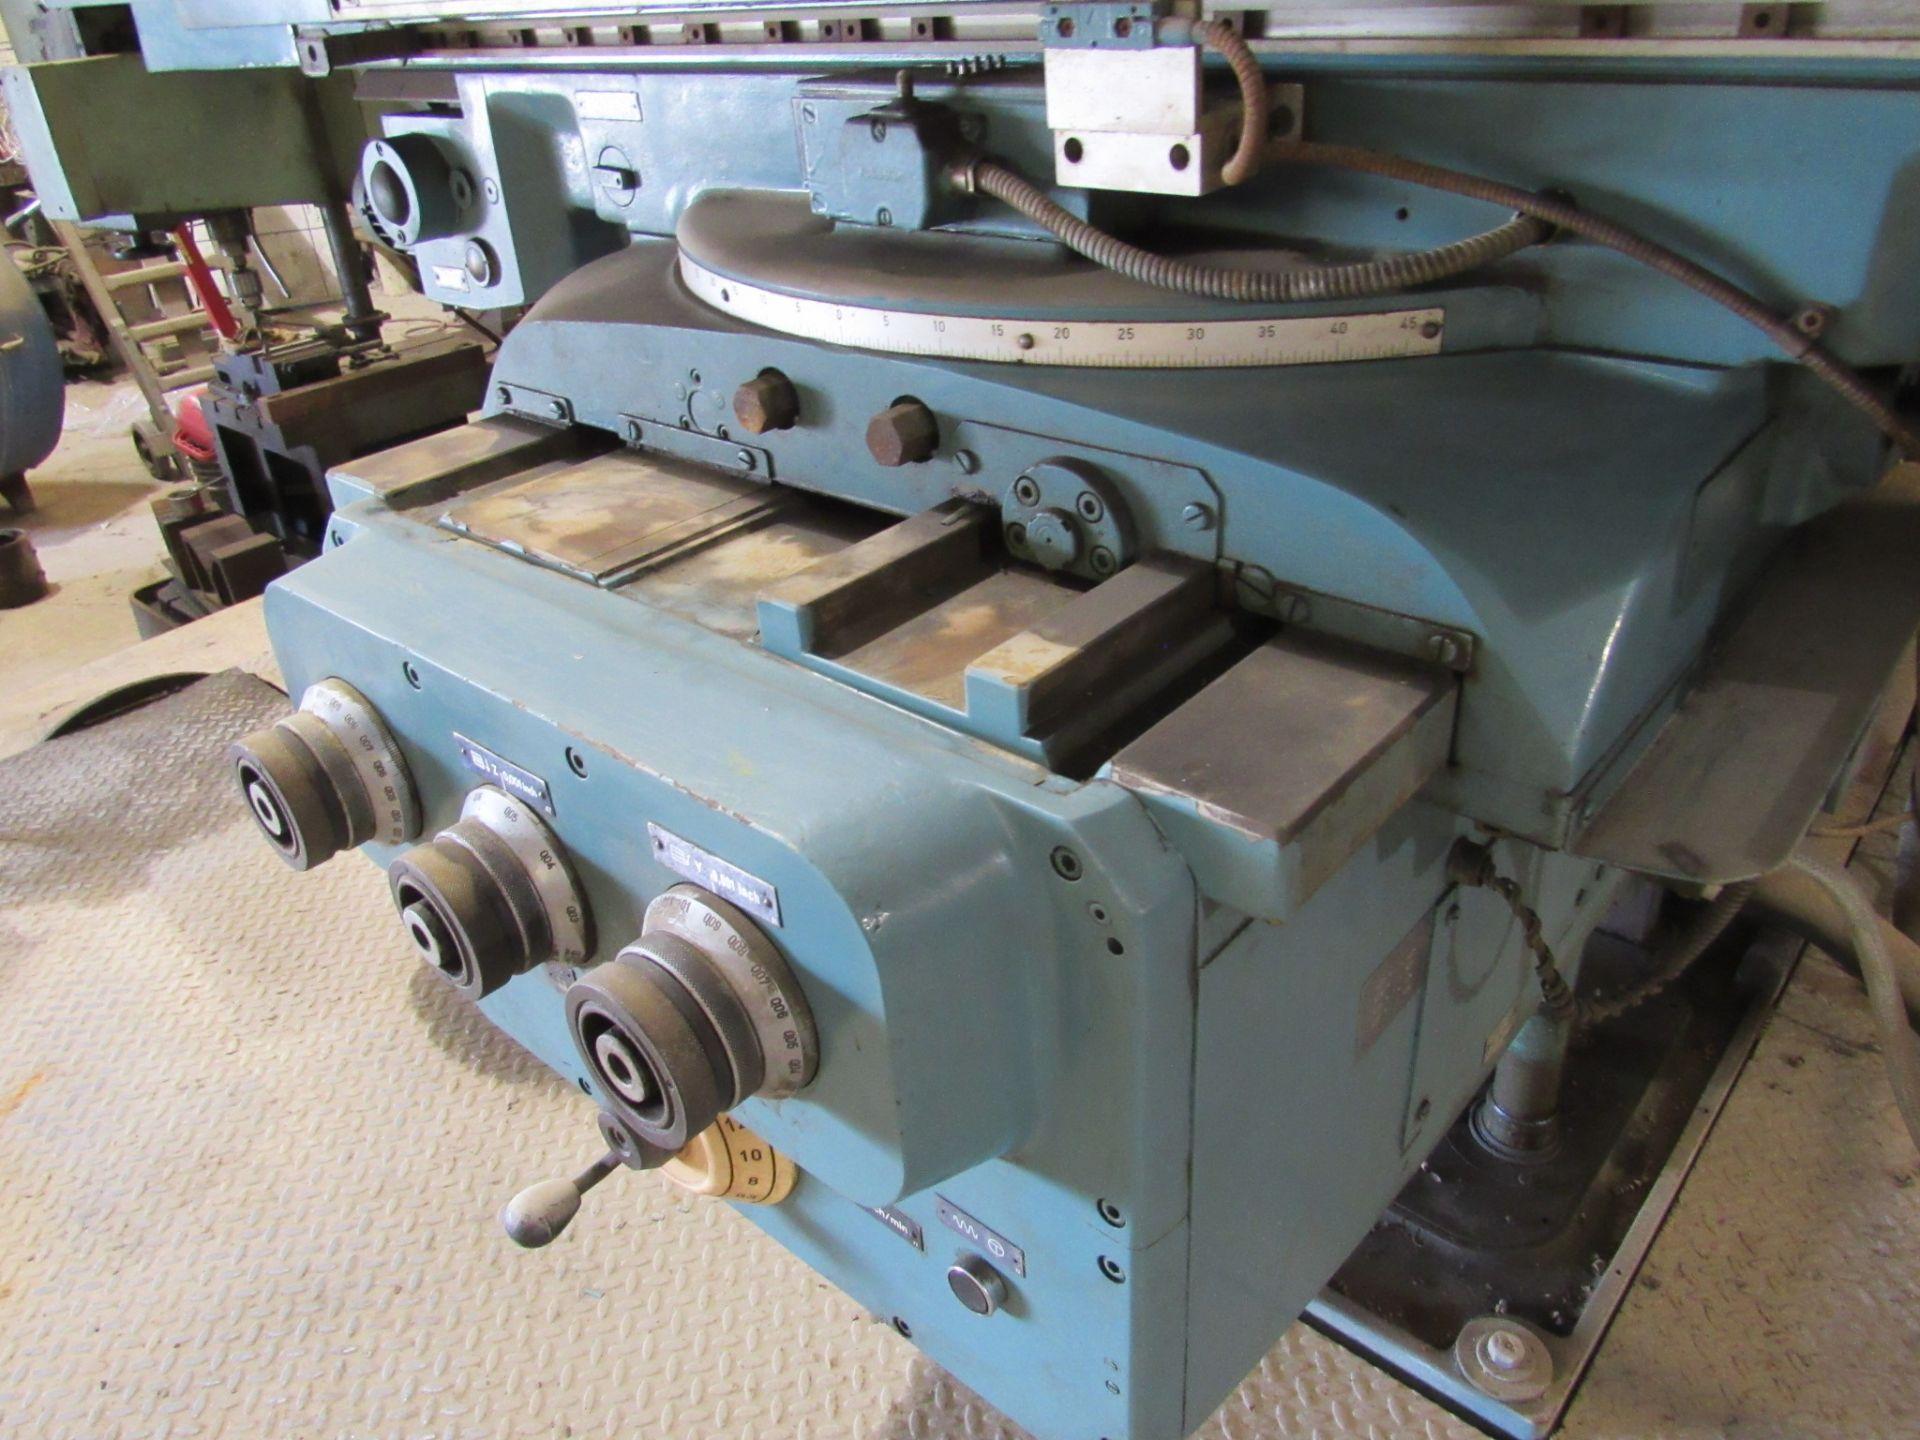 WMW Heckert Universal Mill - Image 5 of 7